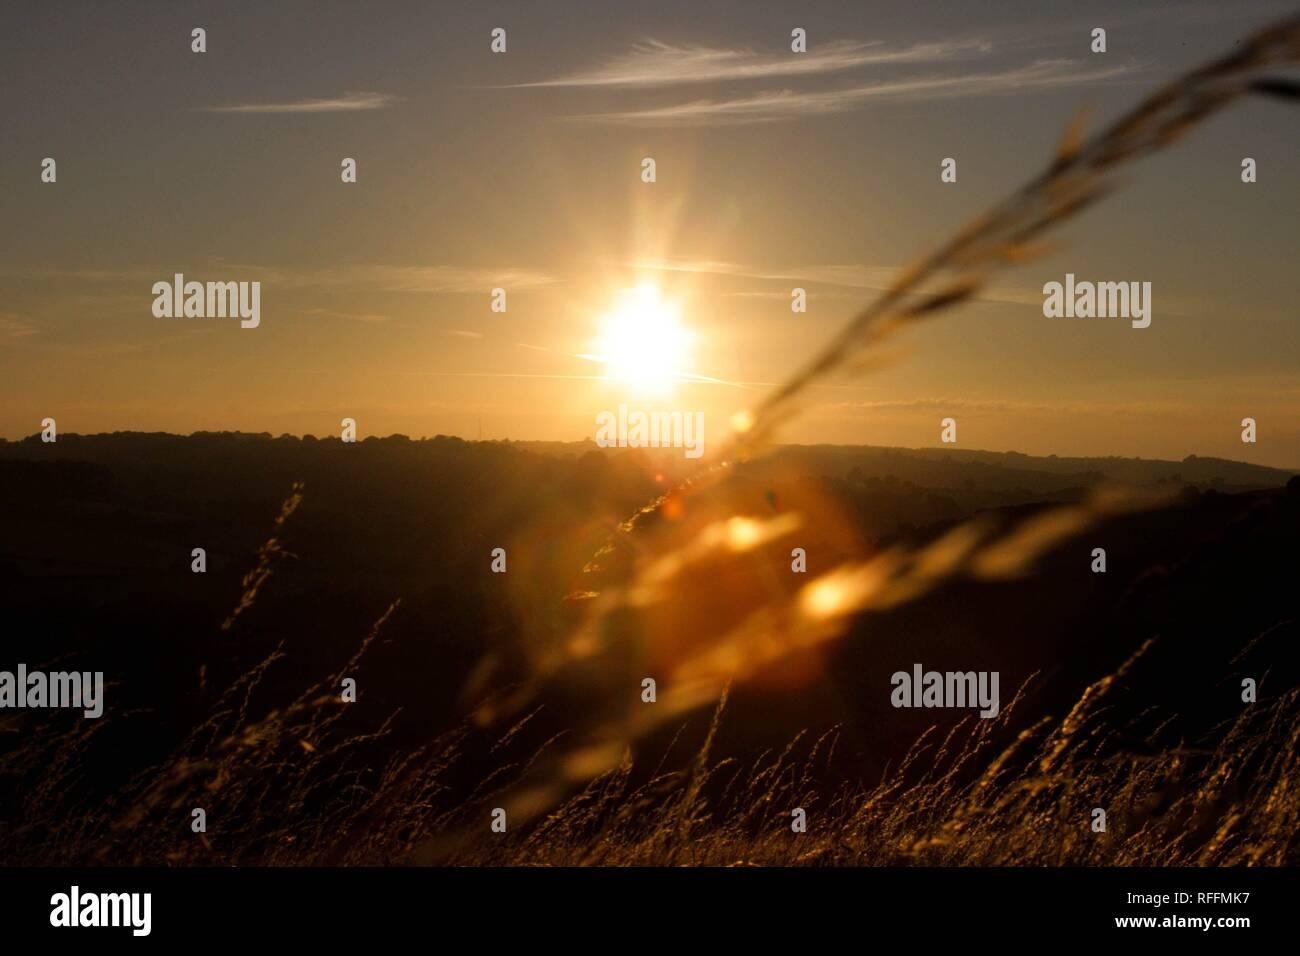 Sunset in Dorset - Stock Image